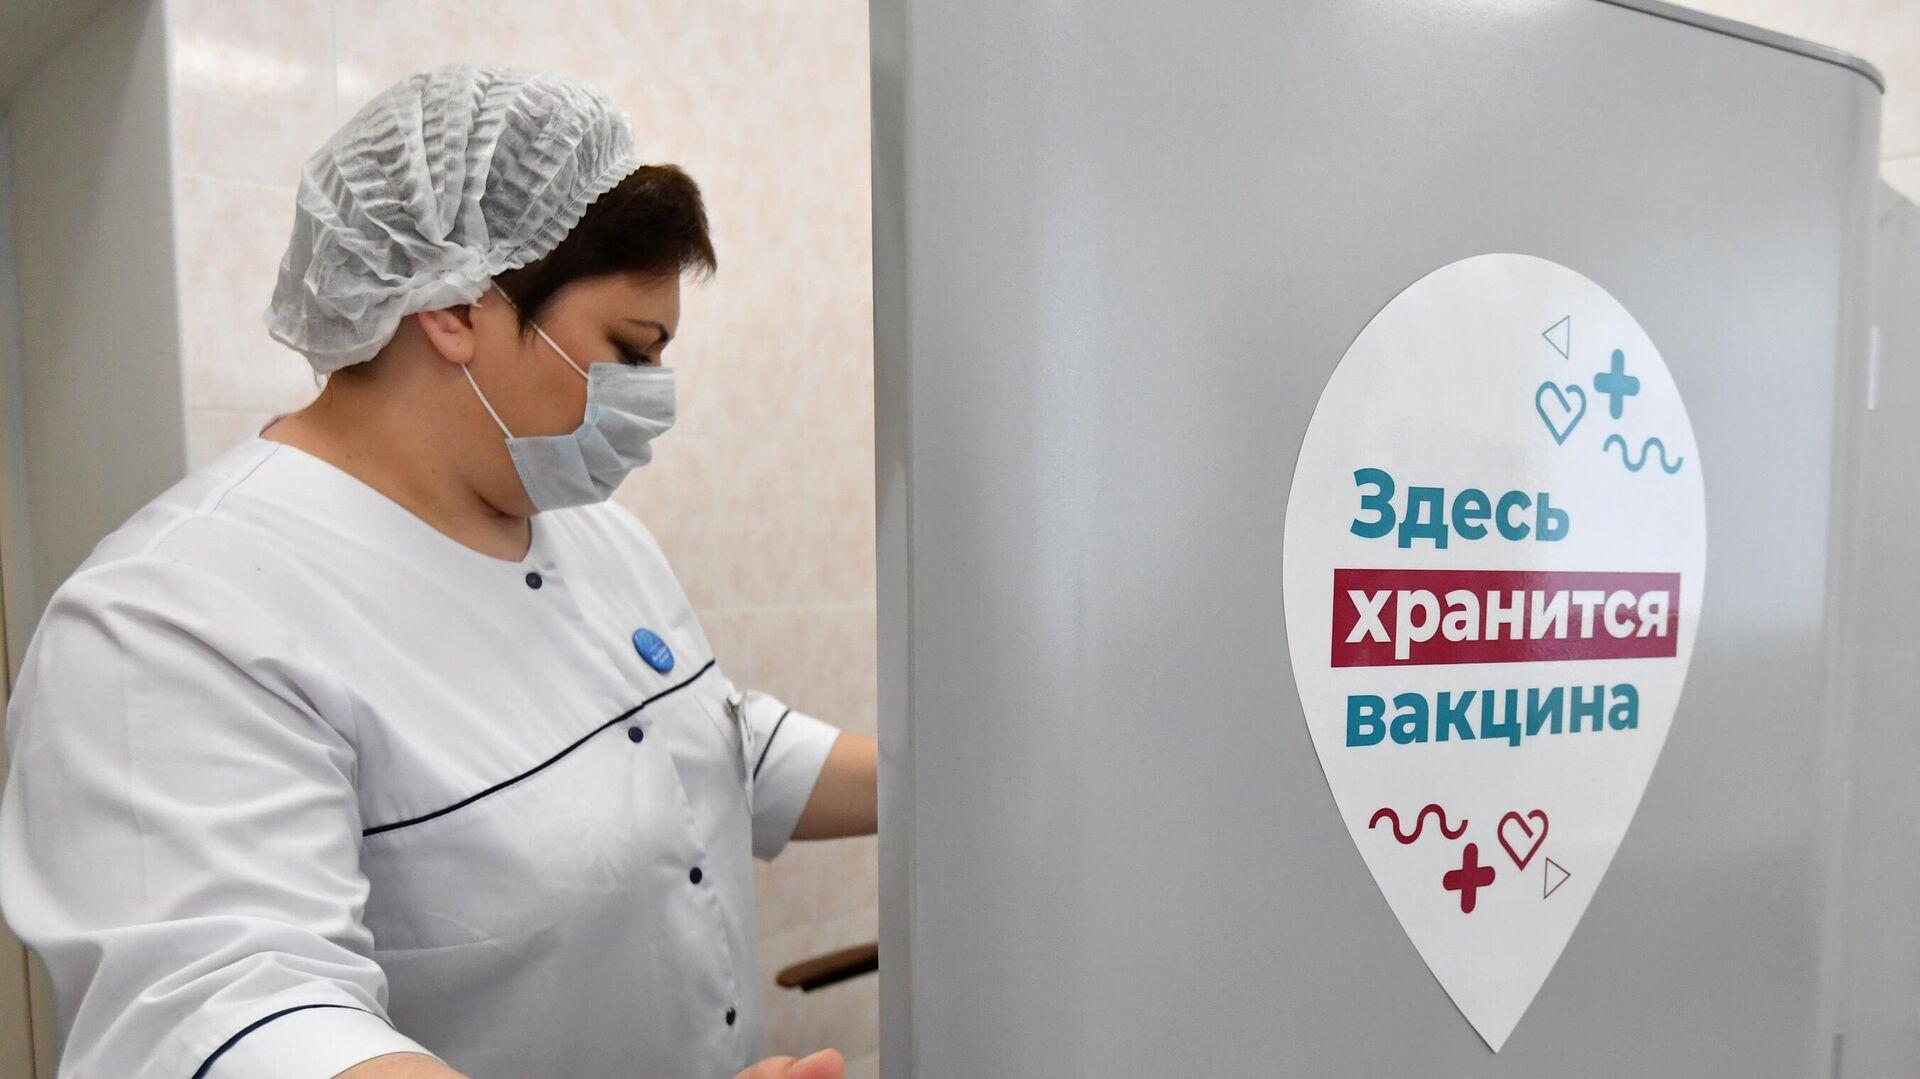 Медицинская сестра в процедурном кабинете - РИА Новости, 1920, 03.01.2021